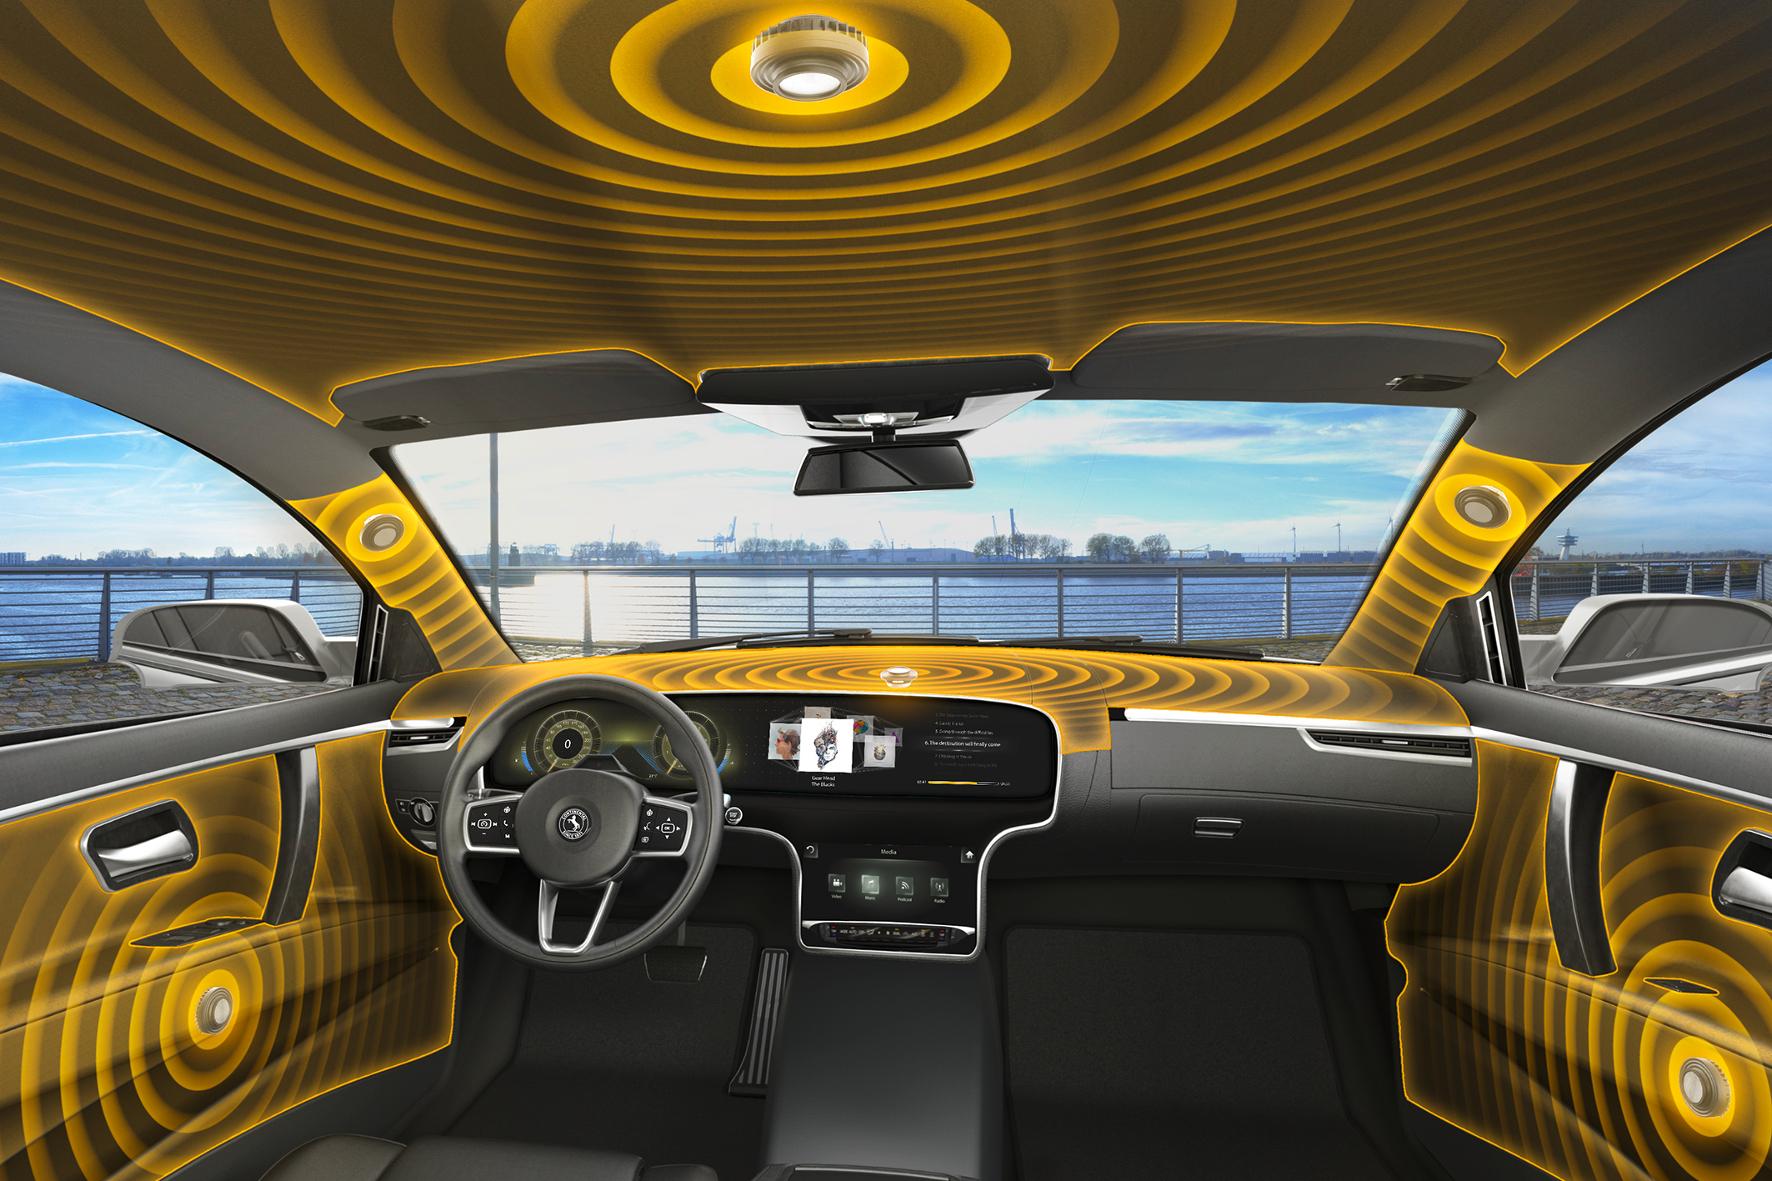 Das Fahrzeug als Klangkörper: Voller Sound - ganz ohne Lautsprecher